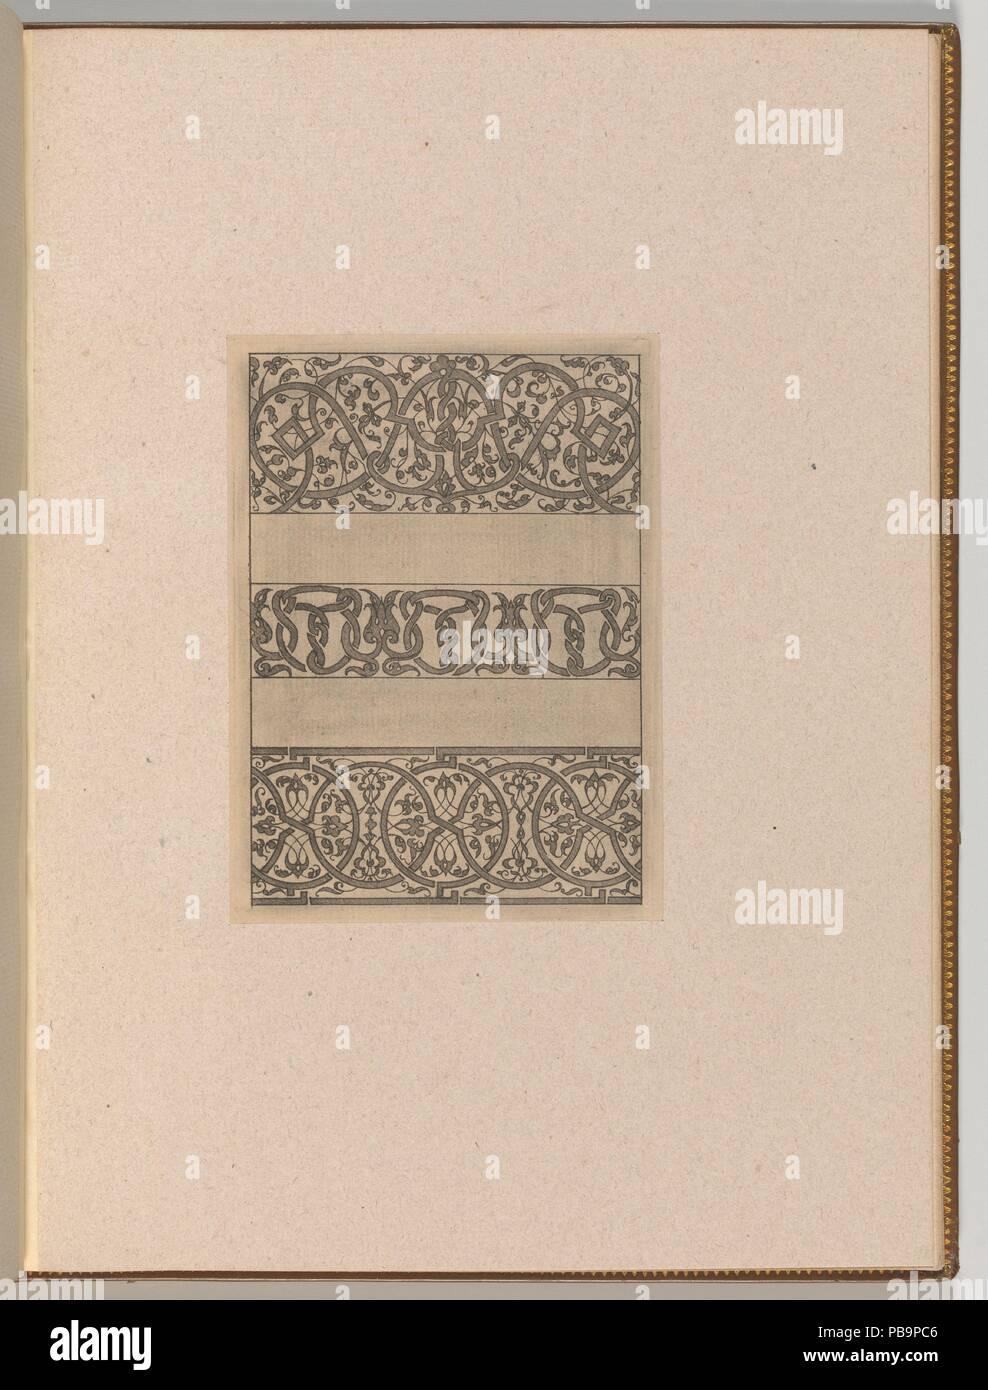 Copies After The Livre Contenant Passement De Moresques